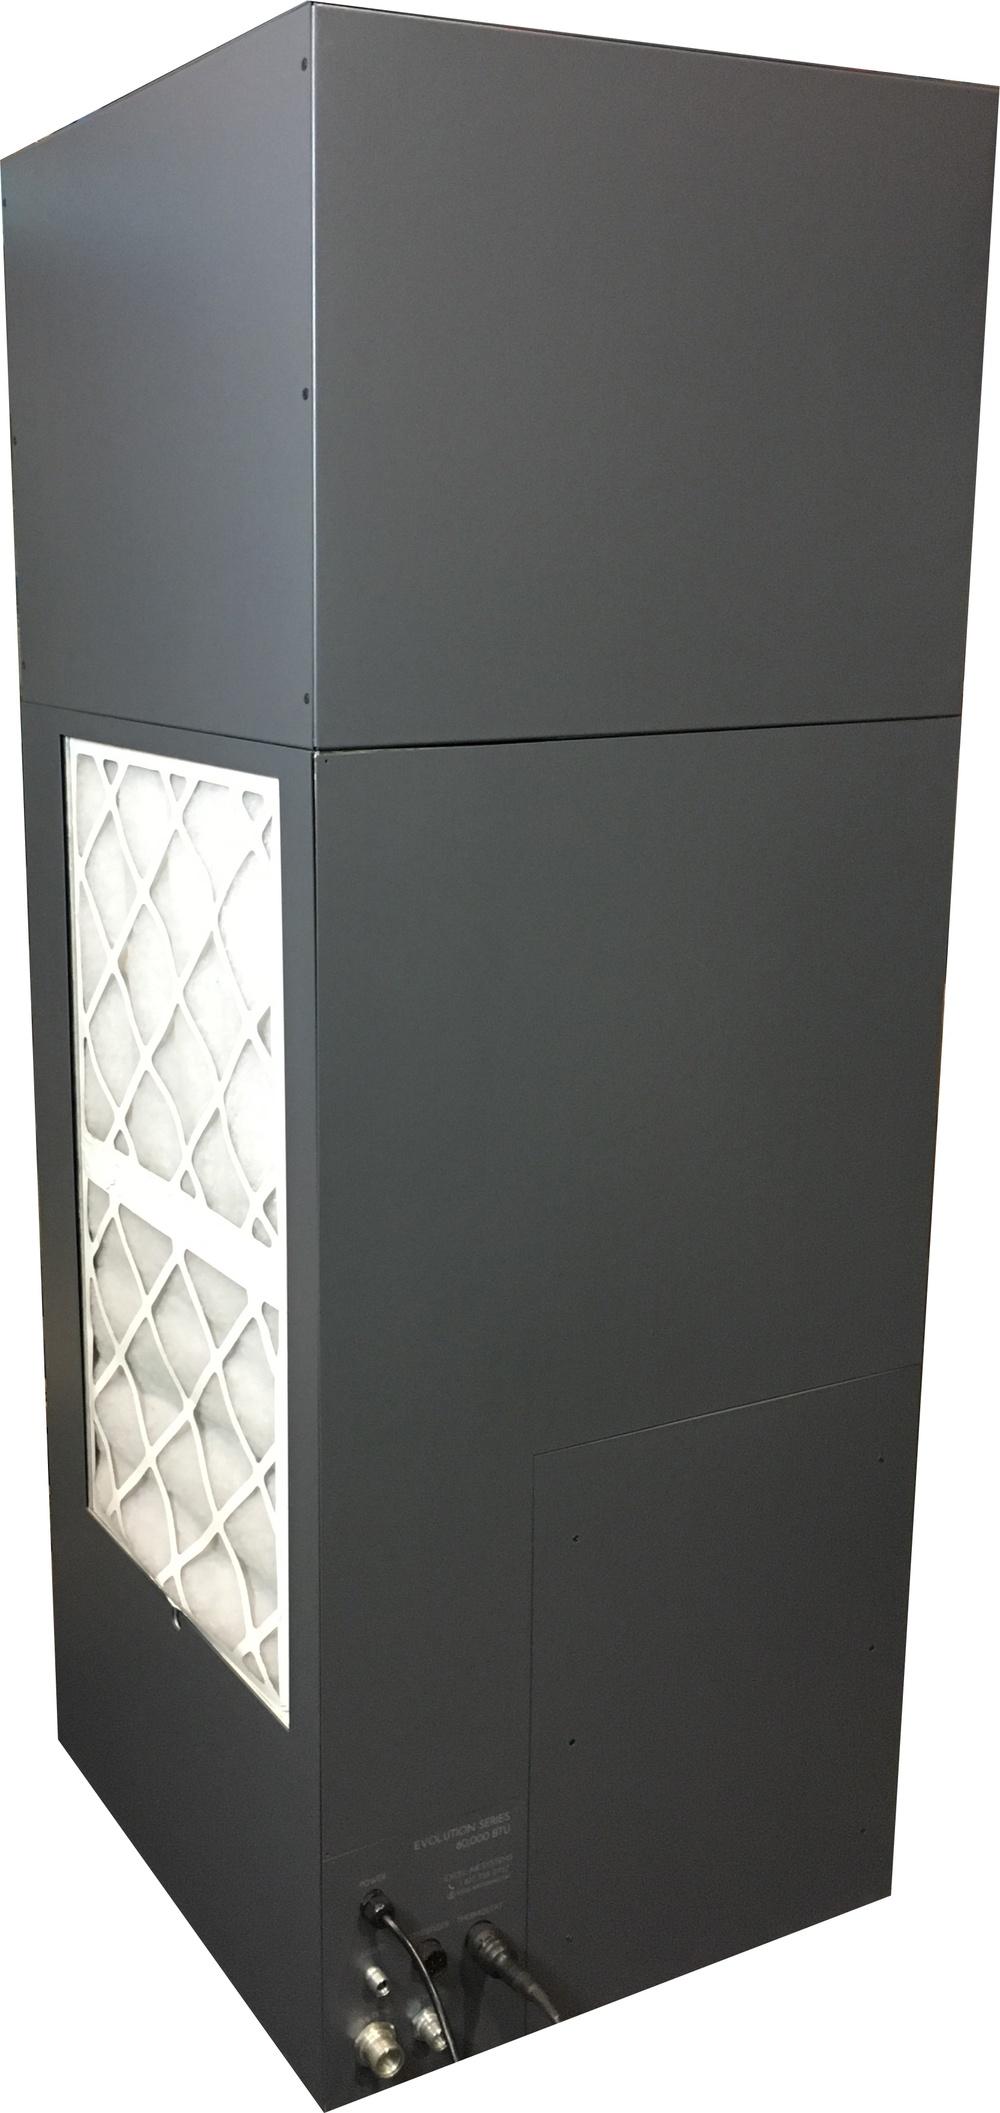 filtration module 1 jpg.jpg